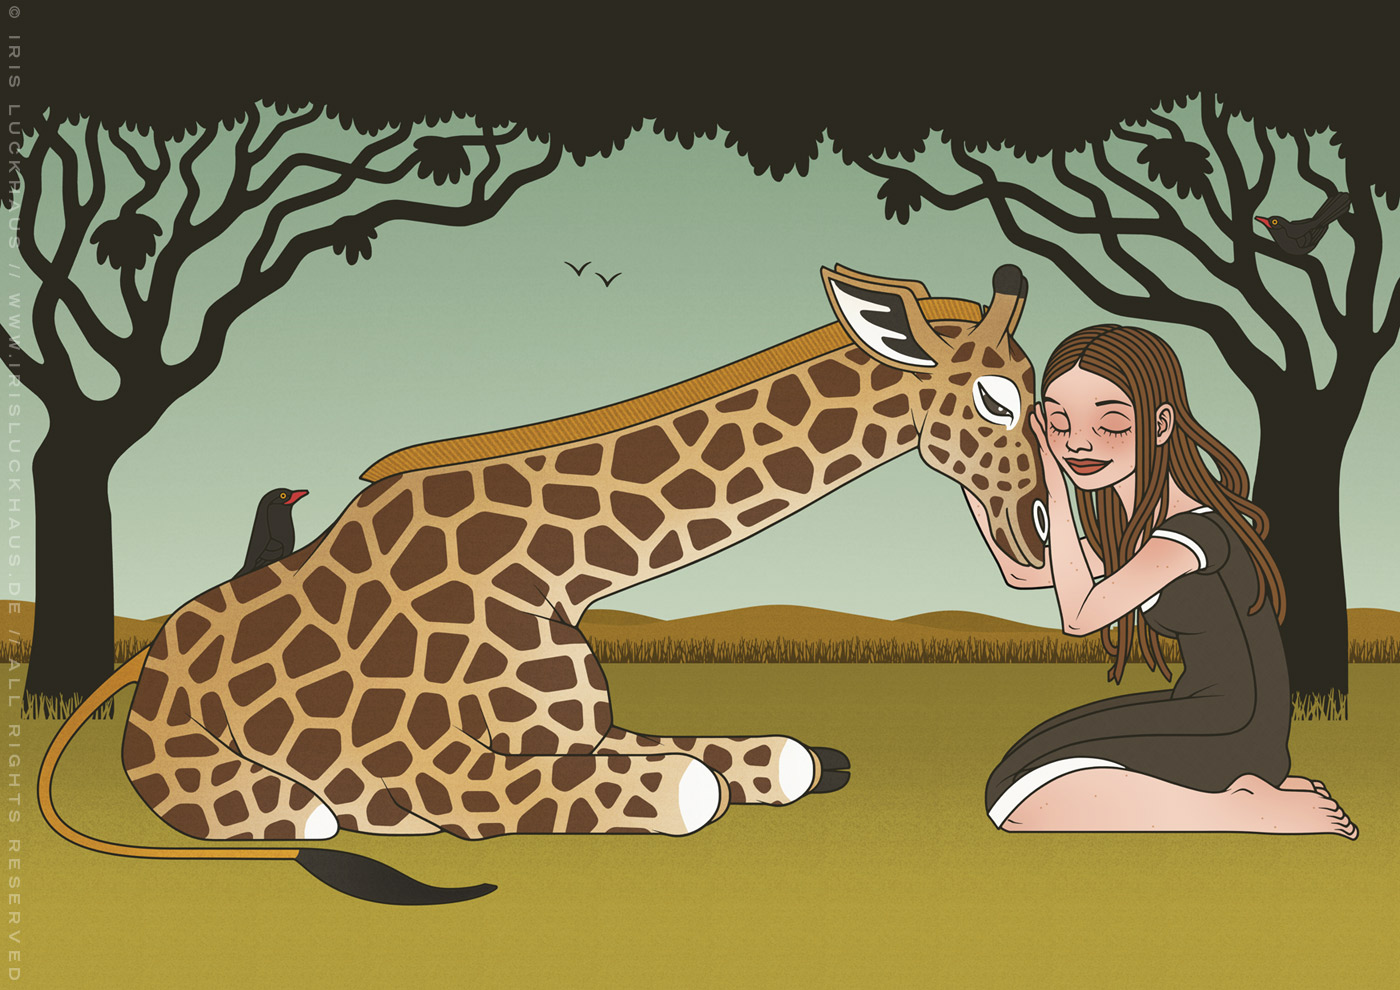 Zeichnung von Mädchen und Giraffe als Freundinnen in der Savanne für den Empathie-Trainer EmpaTrain